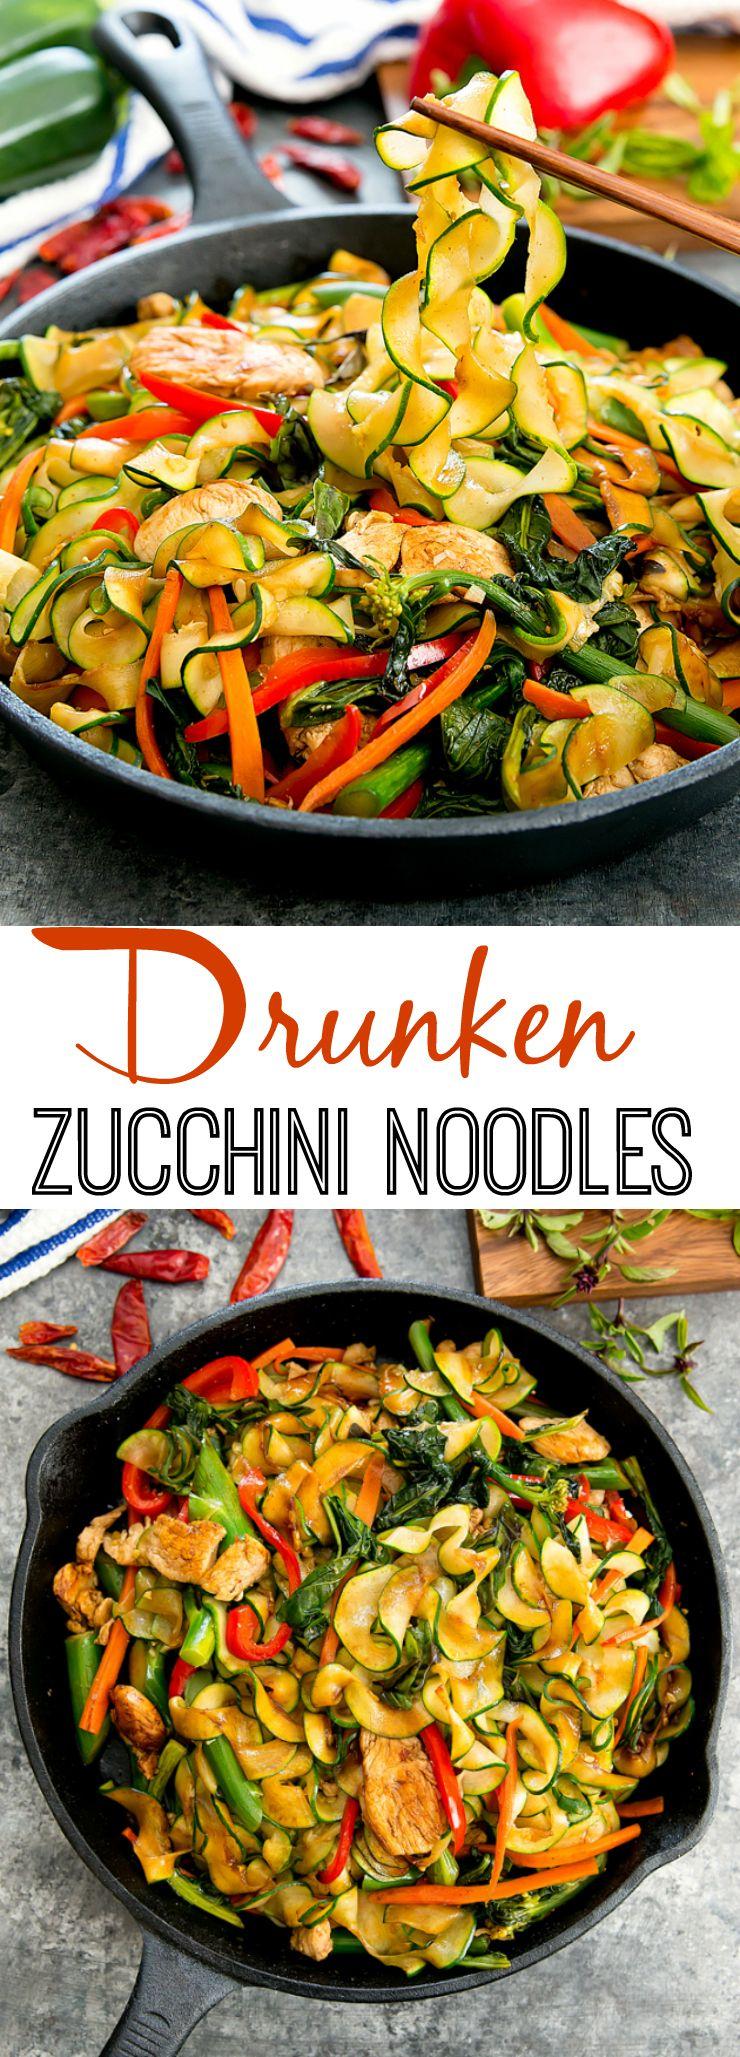 Photo of Drunken Zucchini Noodles